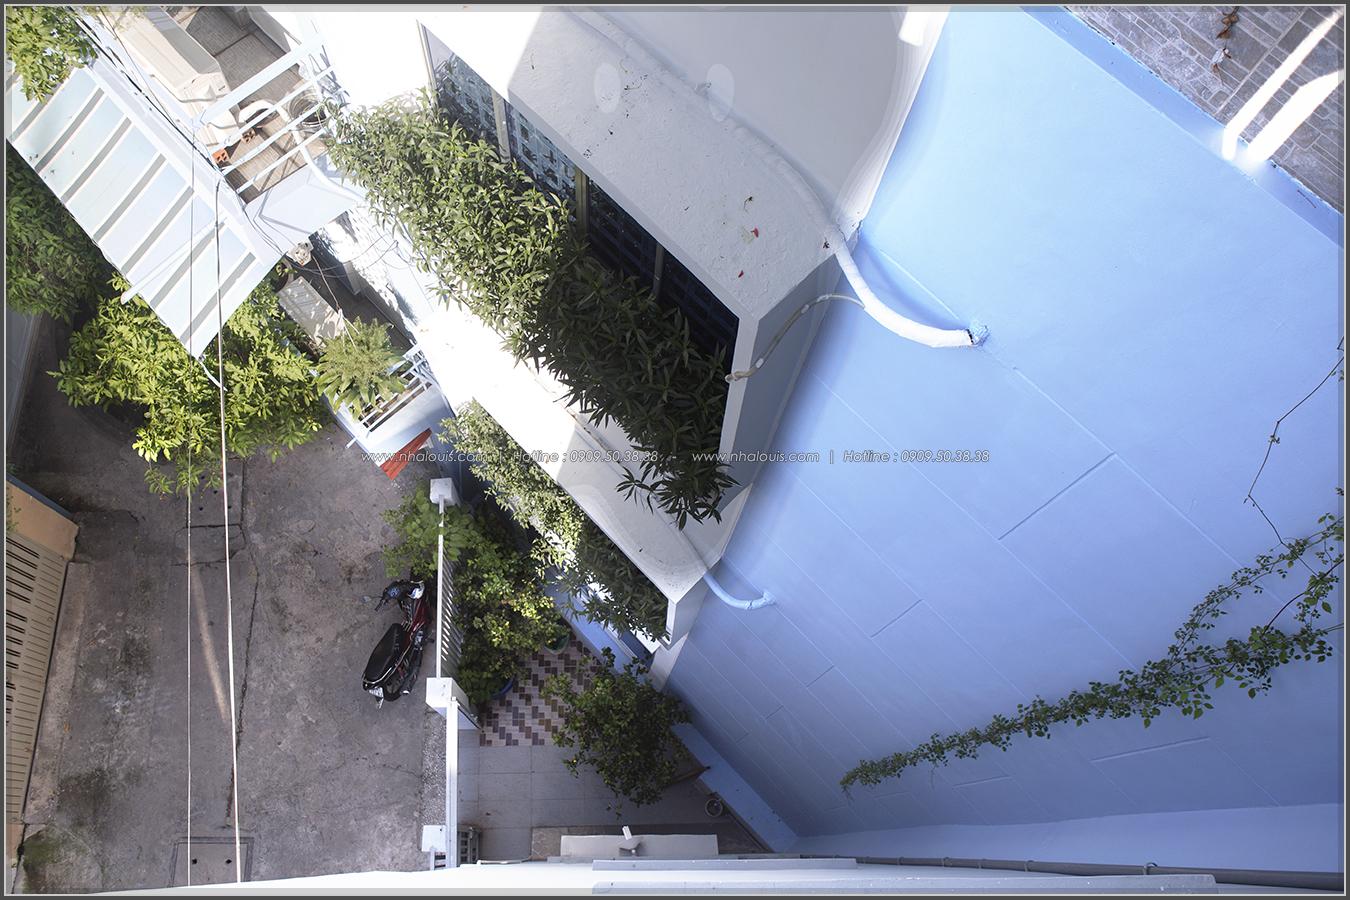 Thi công xây dựng nhà trọ để kinh doanh tại quận Phú Nhuận - 19